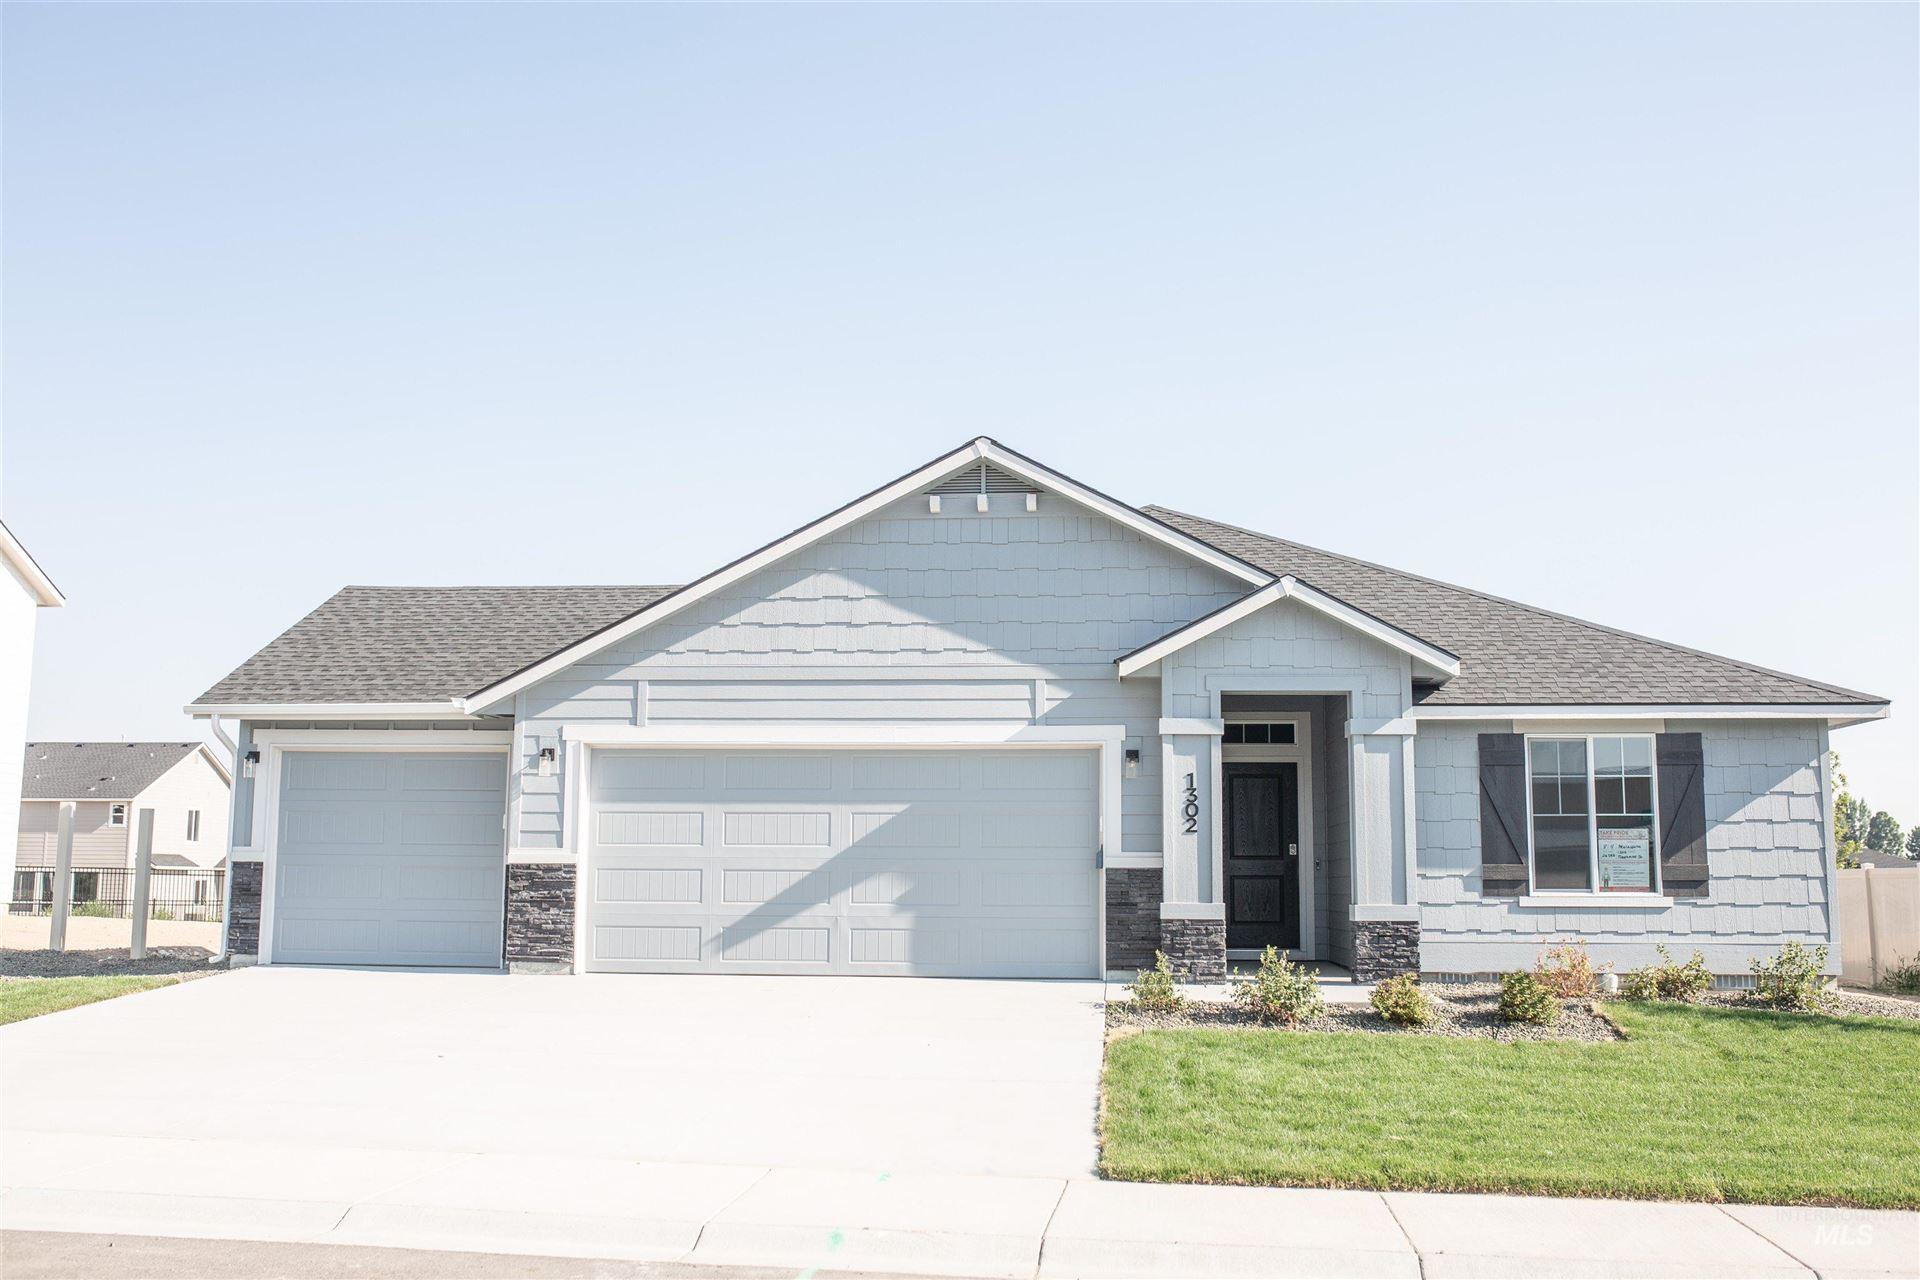 Photo of 1302 W Treehouse St, Kuna, ID 83634 (MLS # 98807108)